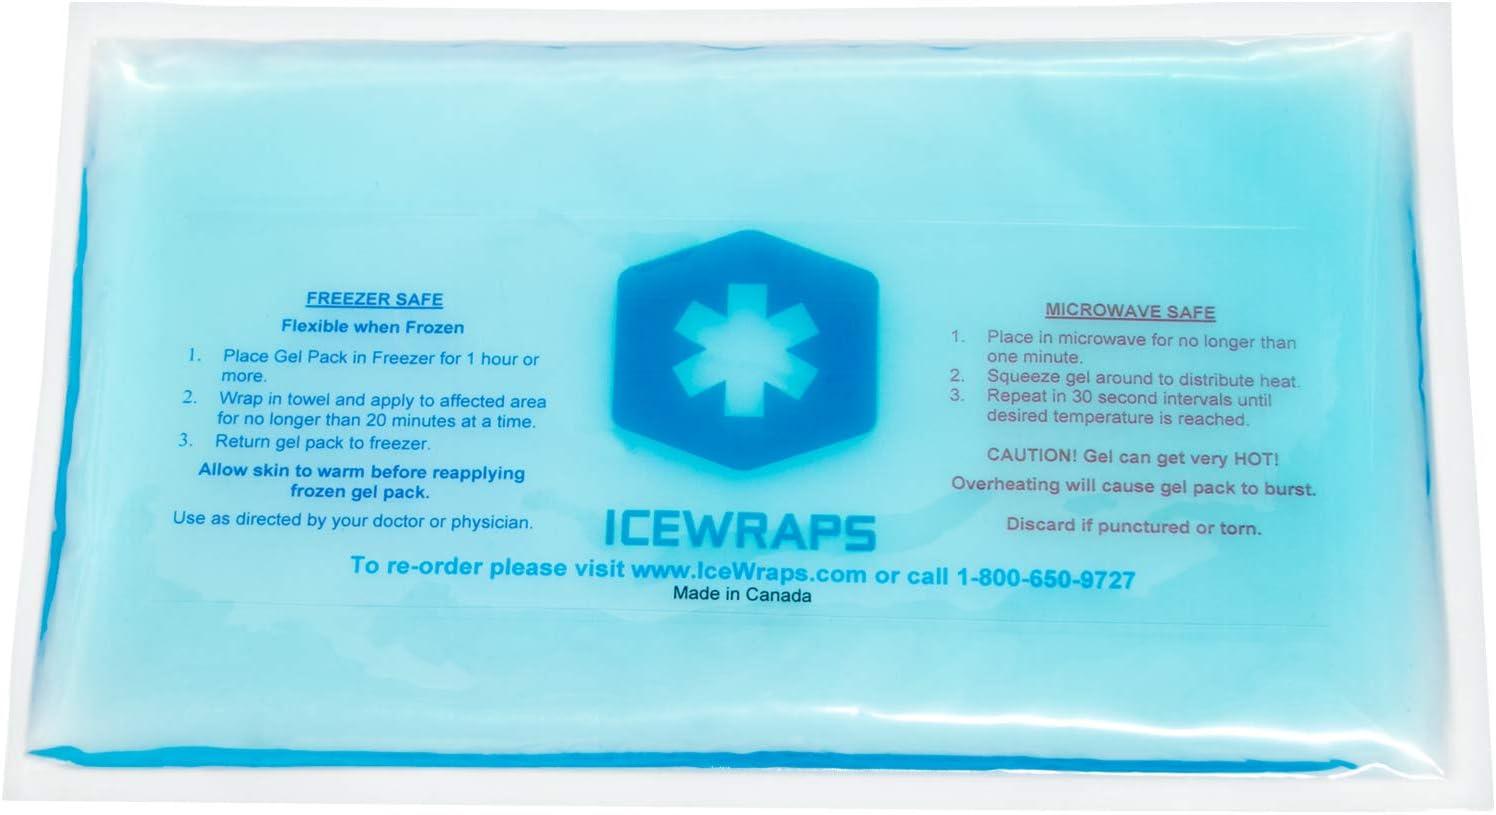 IceWraps Paquete del gel Pack reutilizable para microondas caliente, paquete de hielo Ideal para alivio de dolor primeros auxilios 6 x 10 Azul: Amazon.es: Salud y cuidado personal